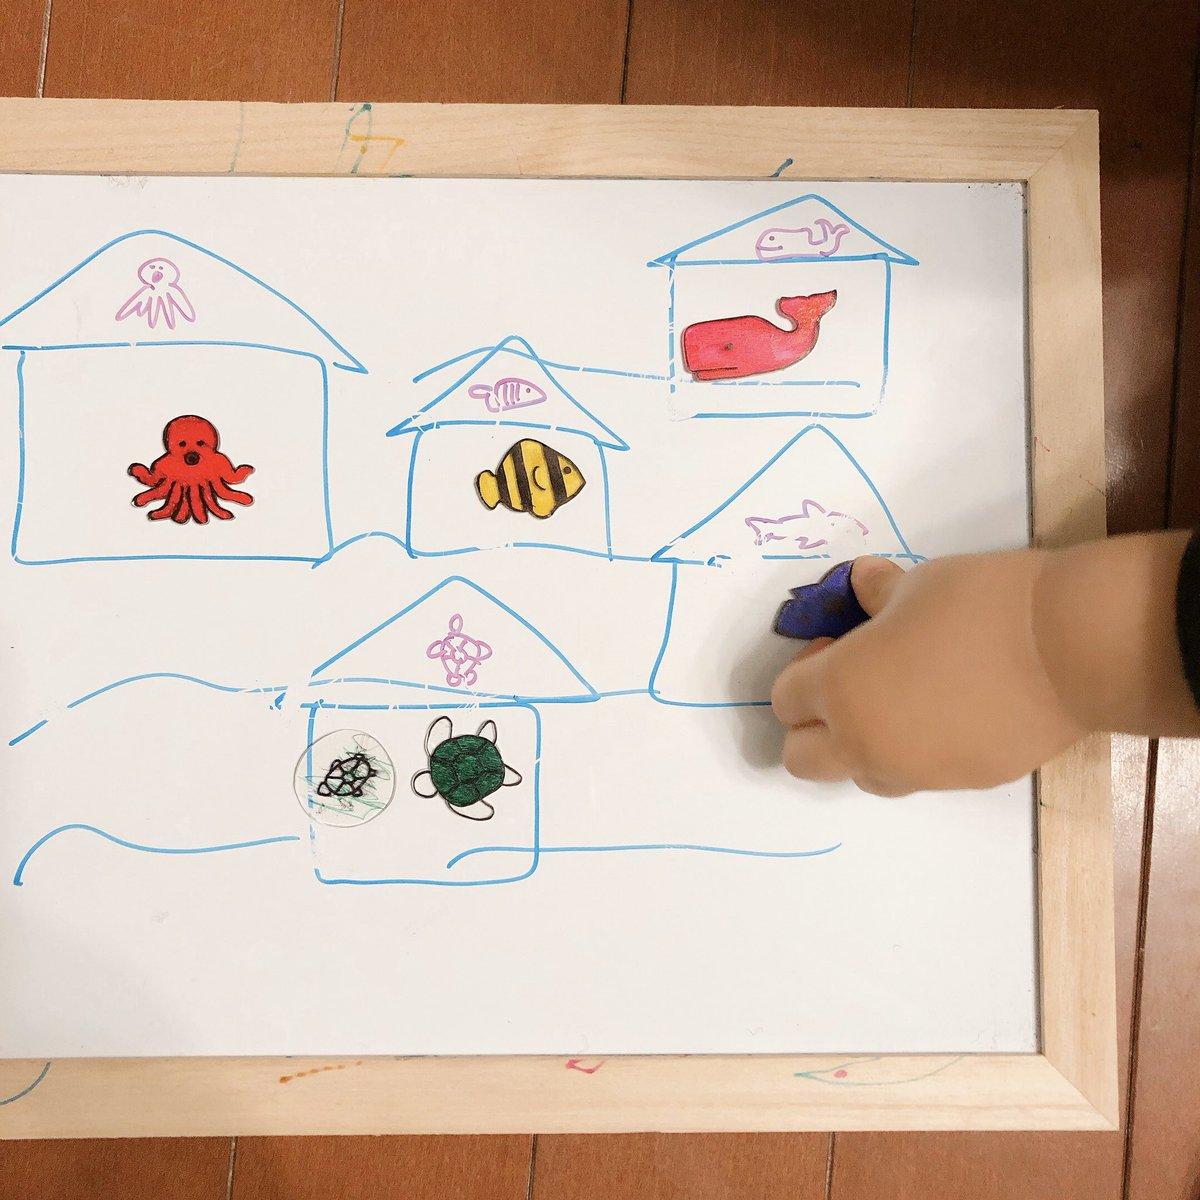 test ツイッターメディア - 懐かしのプラバンで魚たち作ってホワイトボードで魚のおうち合わせ遊び。左側の亀は息子が色塗り。 https://t.co/Z84LETE3ui